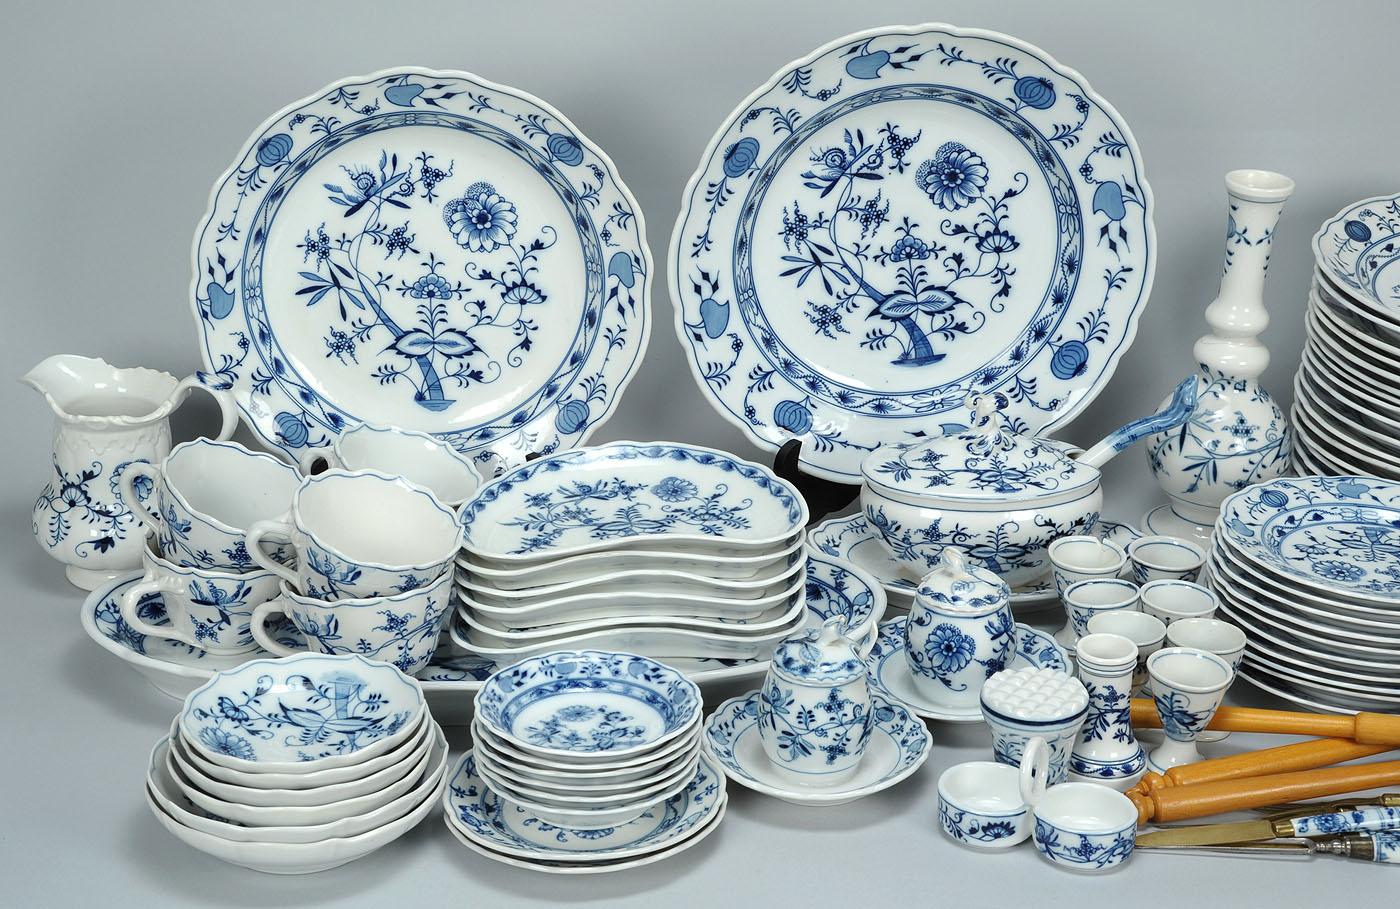 & Lot 345: 83 pcs German Porcelain mostly Meissen oval mark